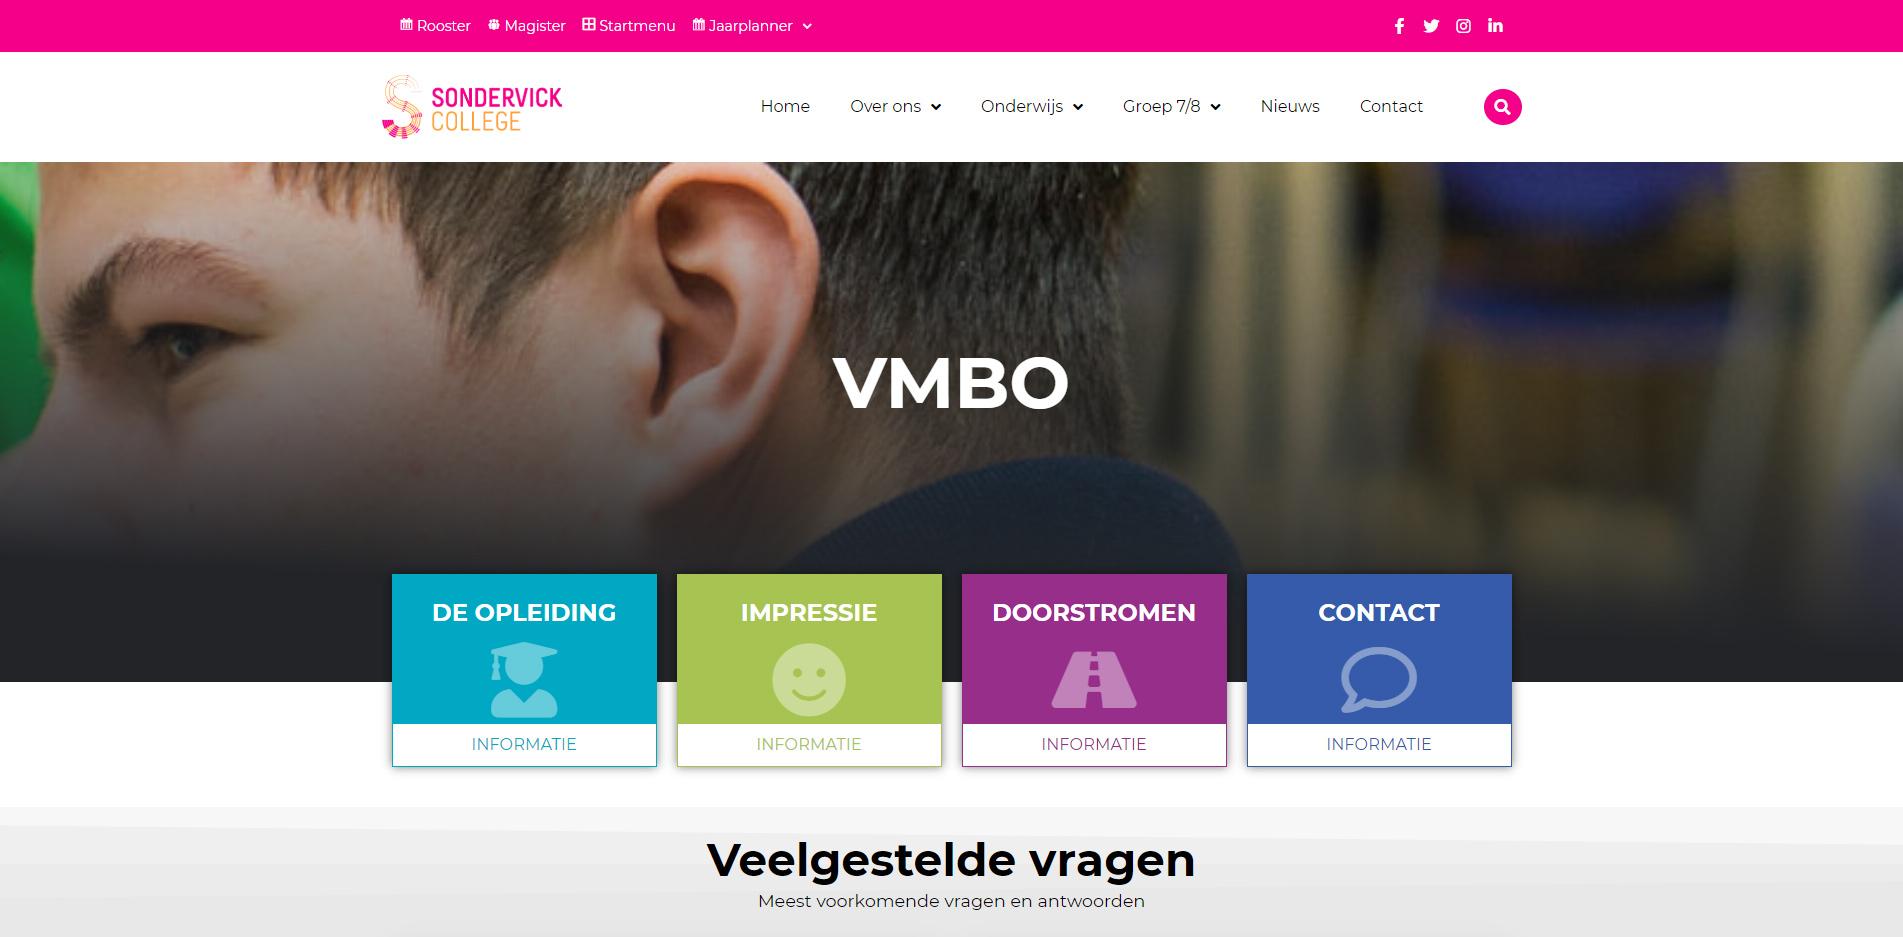 sondervick-vmbo